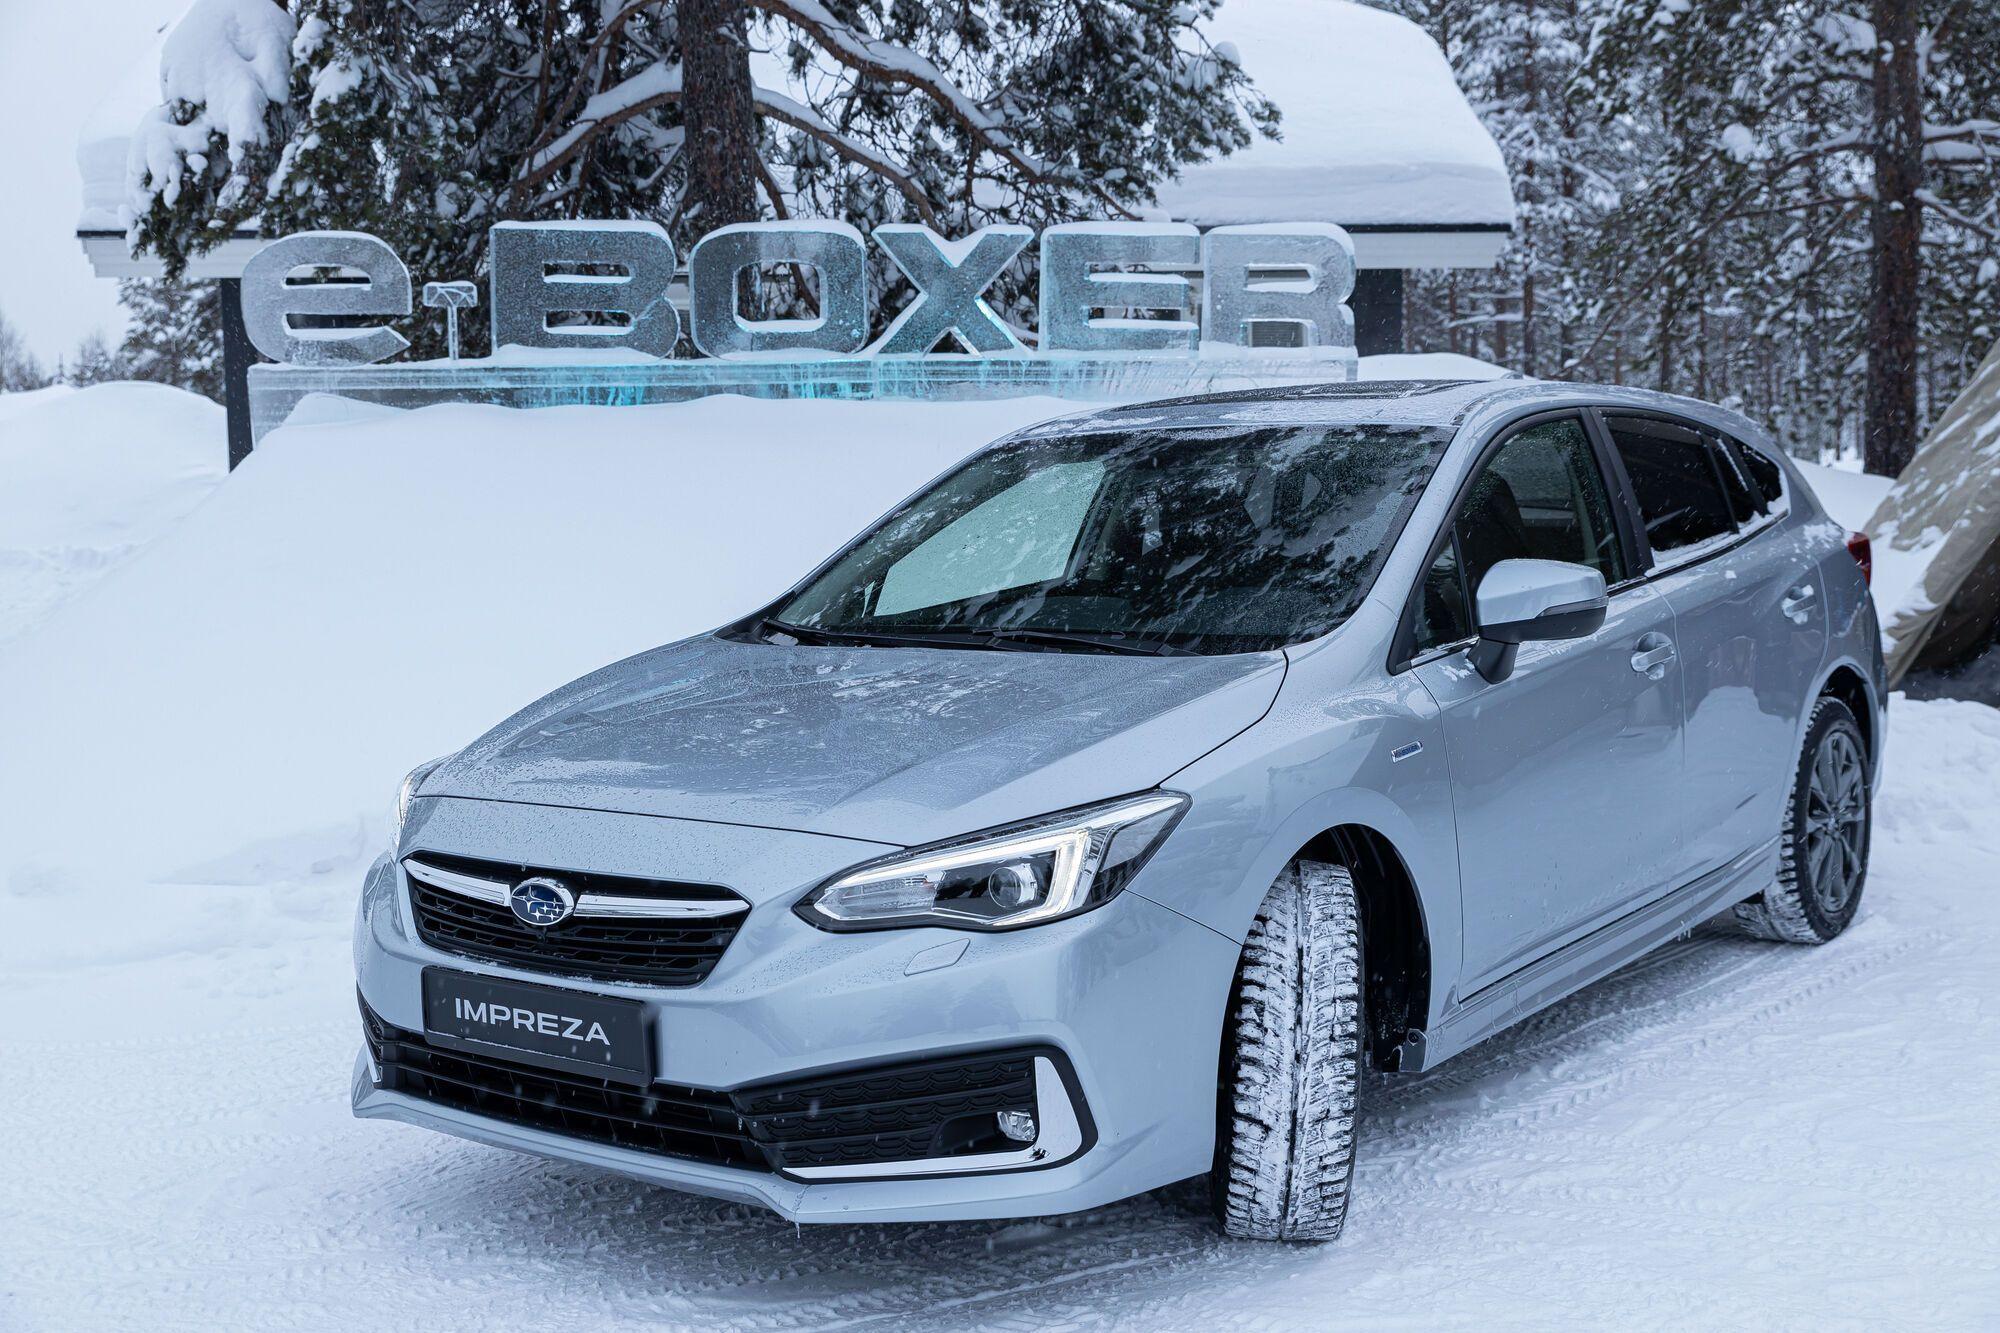 Subaru Impreza e-Boxer з технологією mild hybrid здатна пересуватися на електротязі на швидкості до 40 км/год